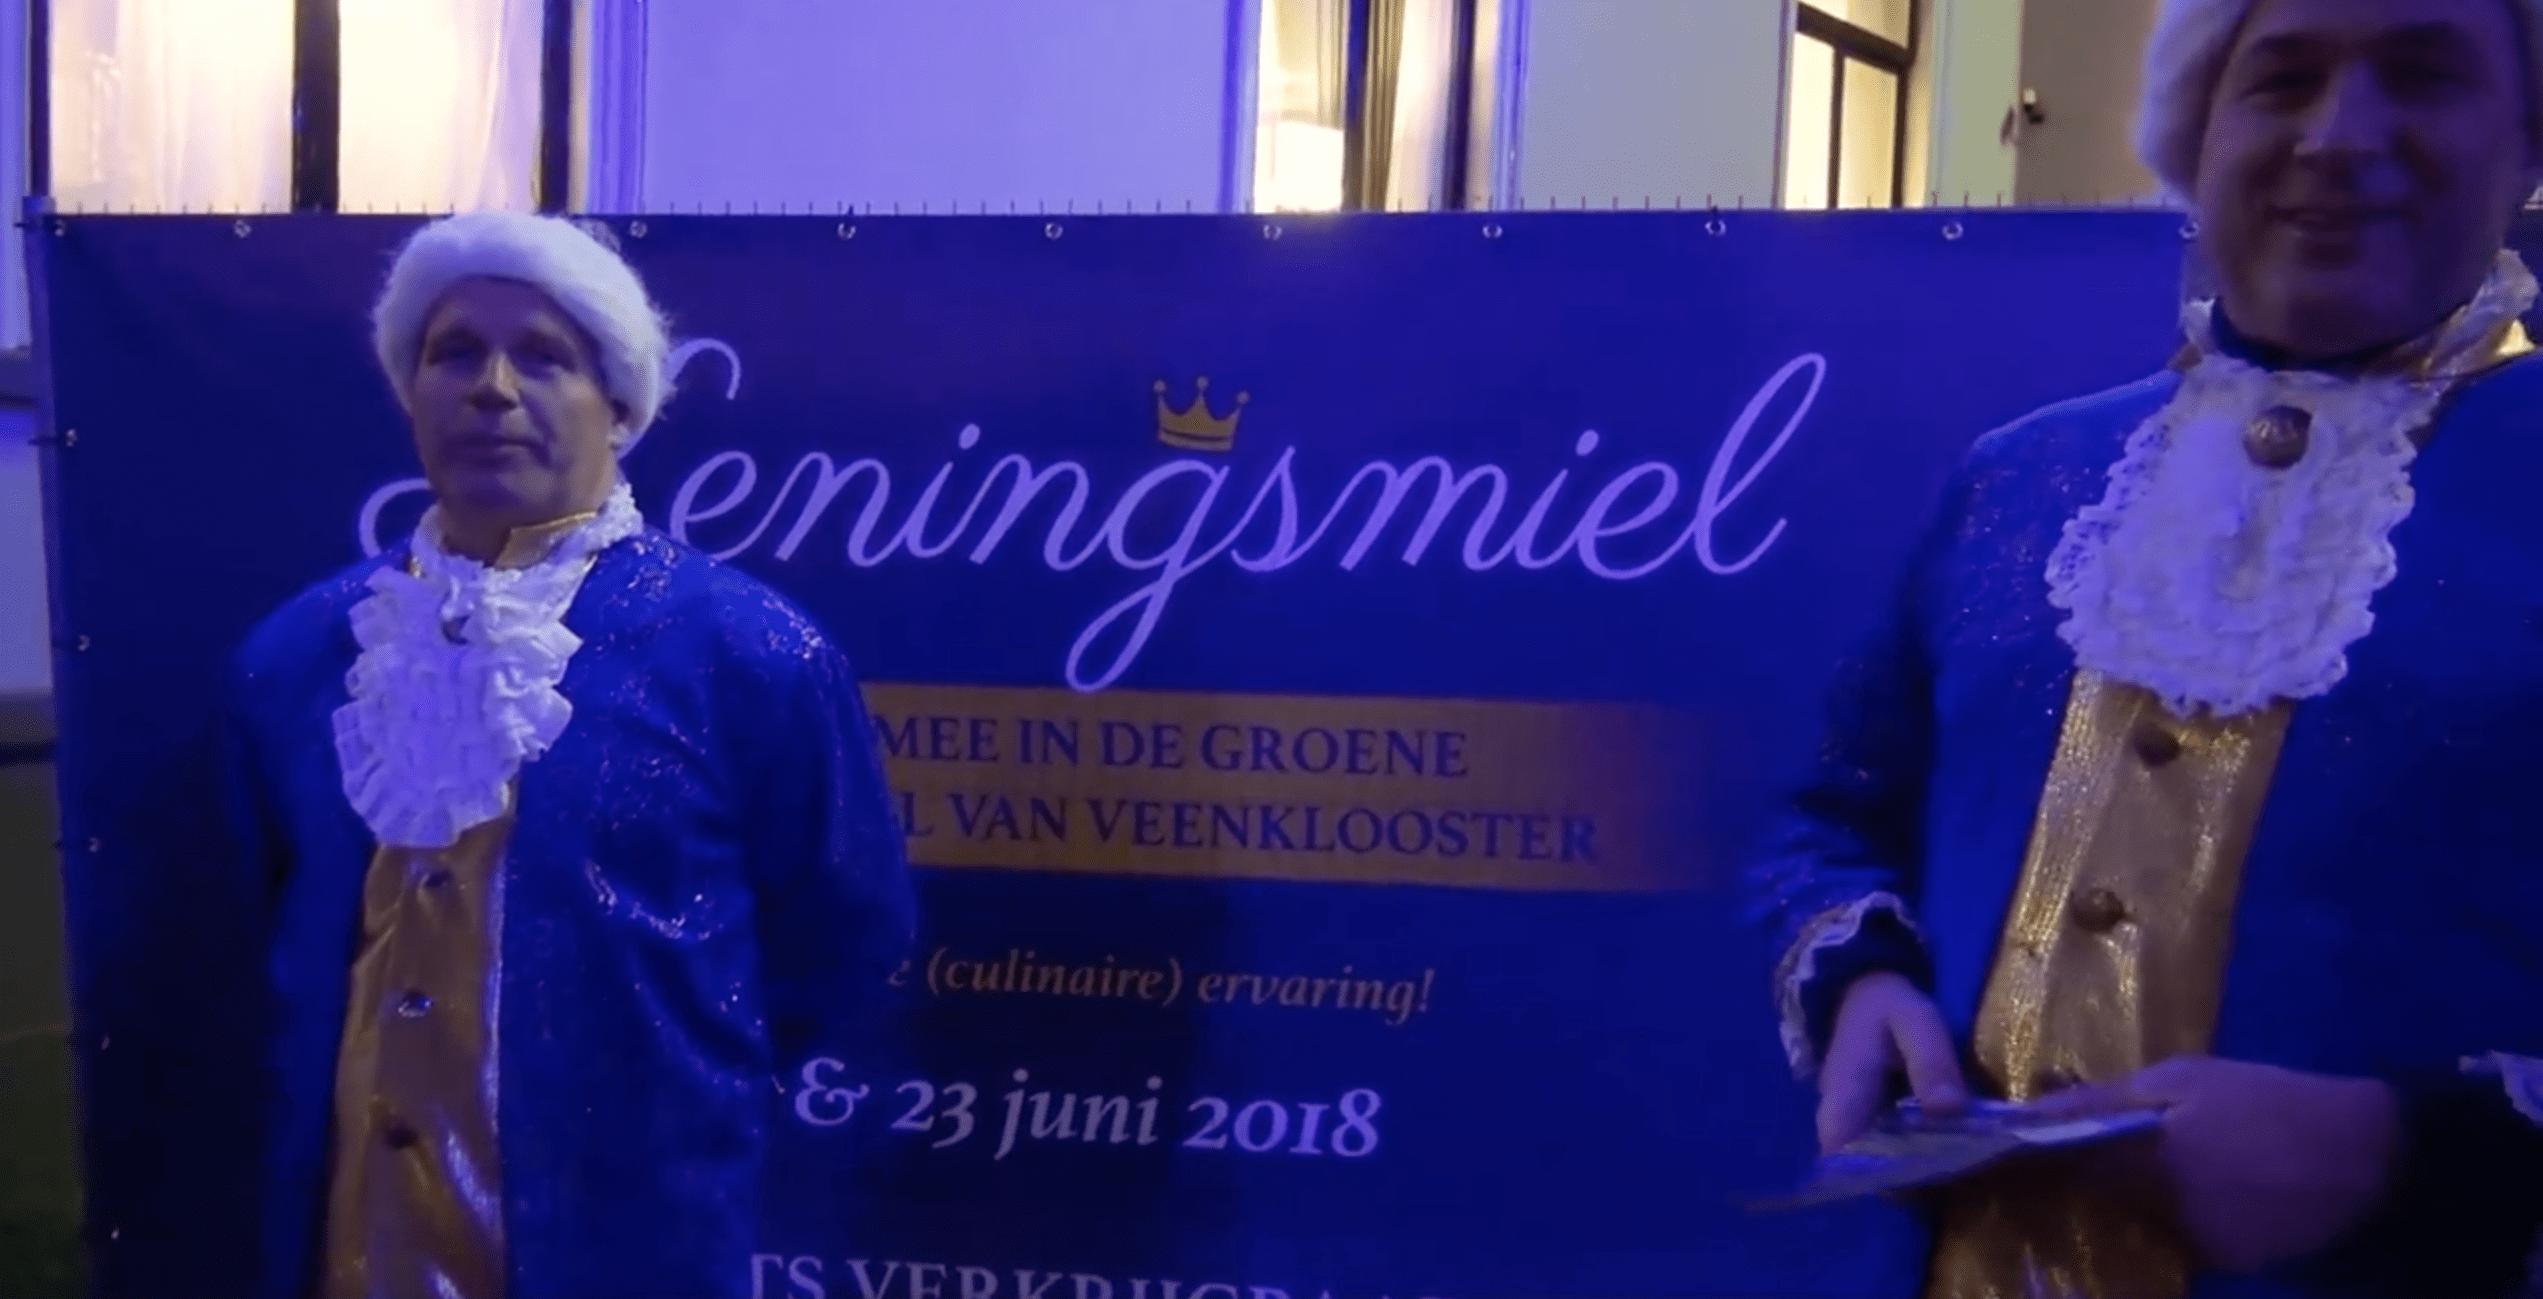 Presentatie Keningsmiel LF2018 een succes